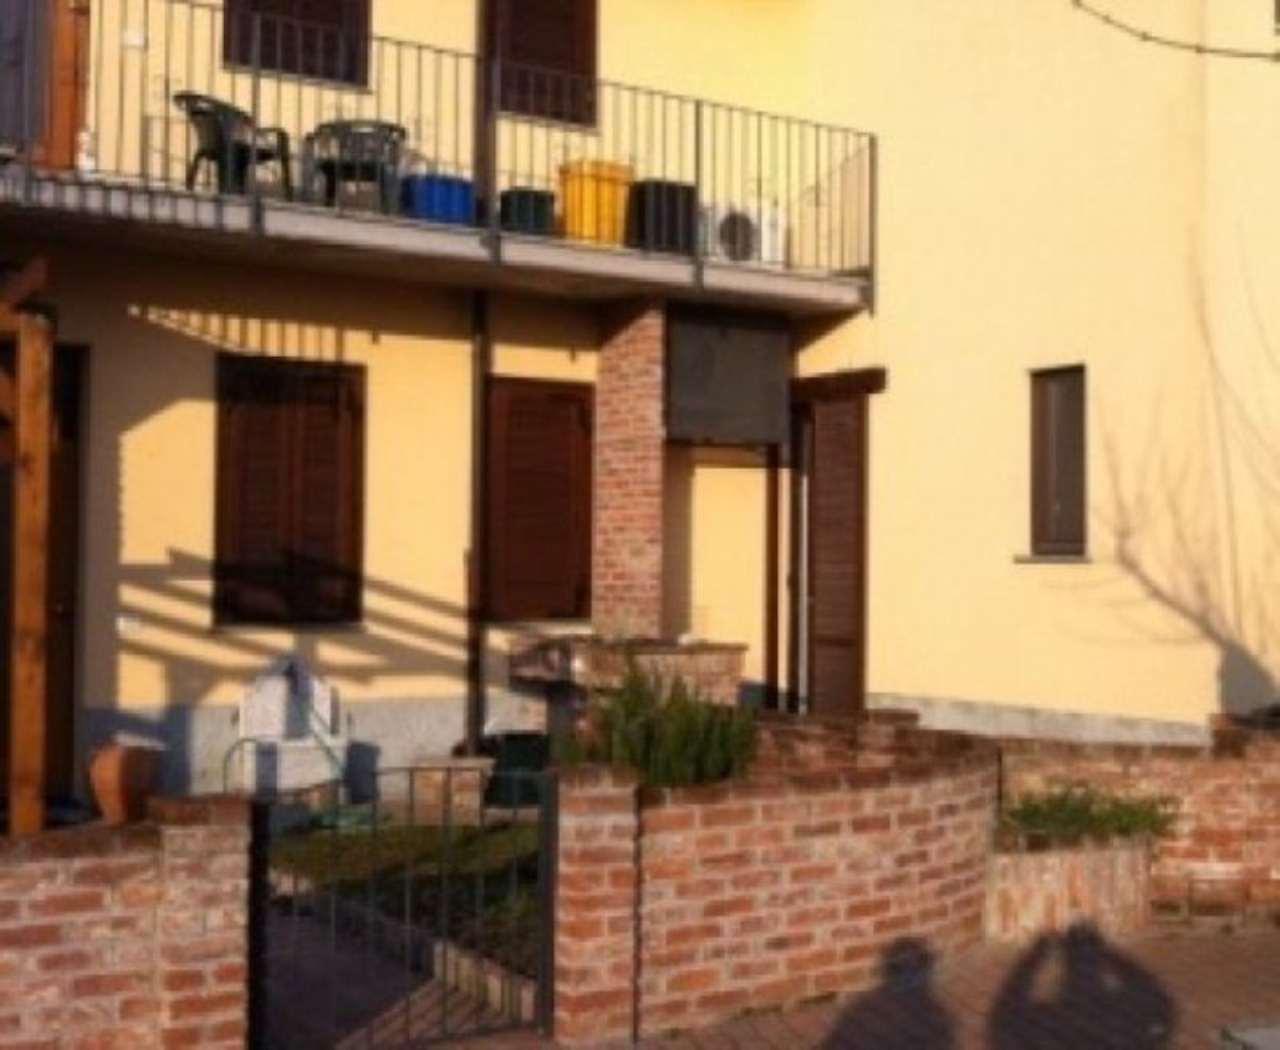 Appartamento in vendita a Garlasco, 2 locali, prezzo € 70.000 | Cambio Casa.it